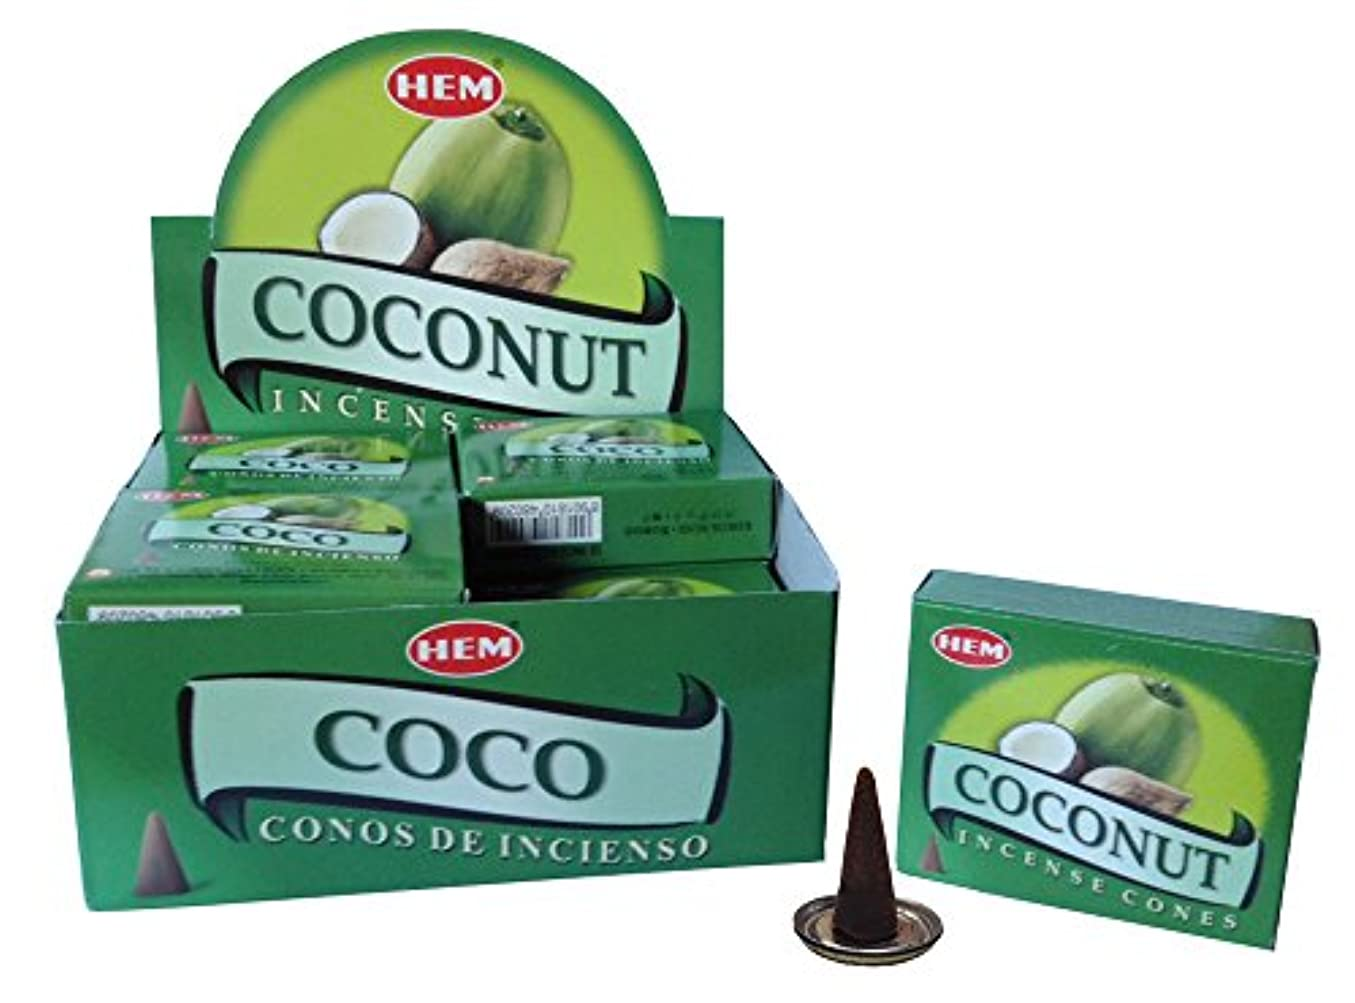 専門新鮮なこどもの日HEM ココナッツ コーン 12個セット